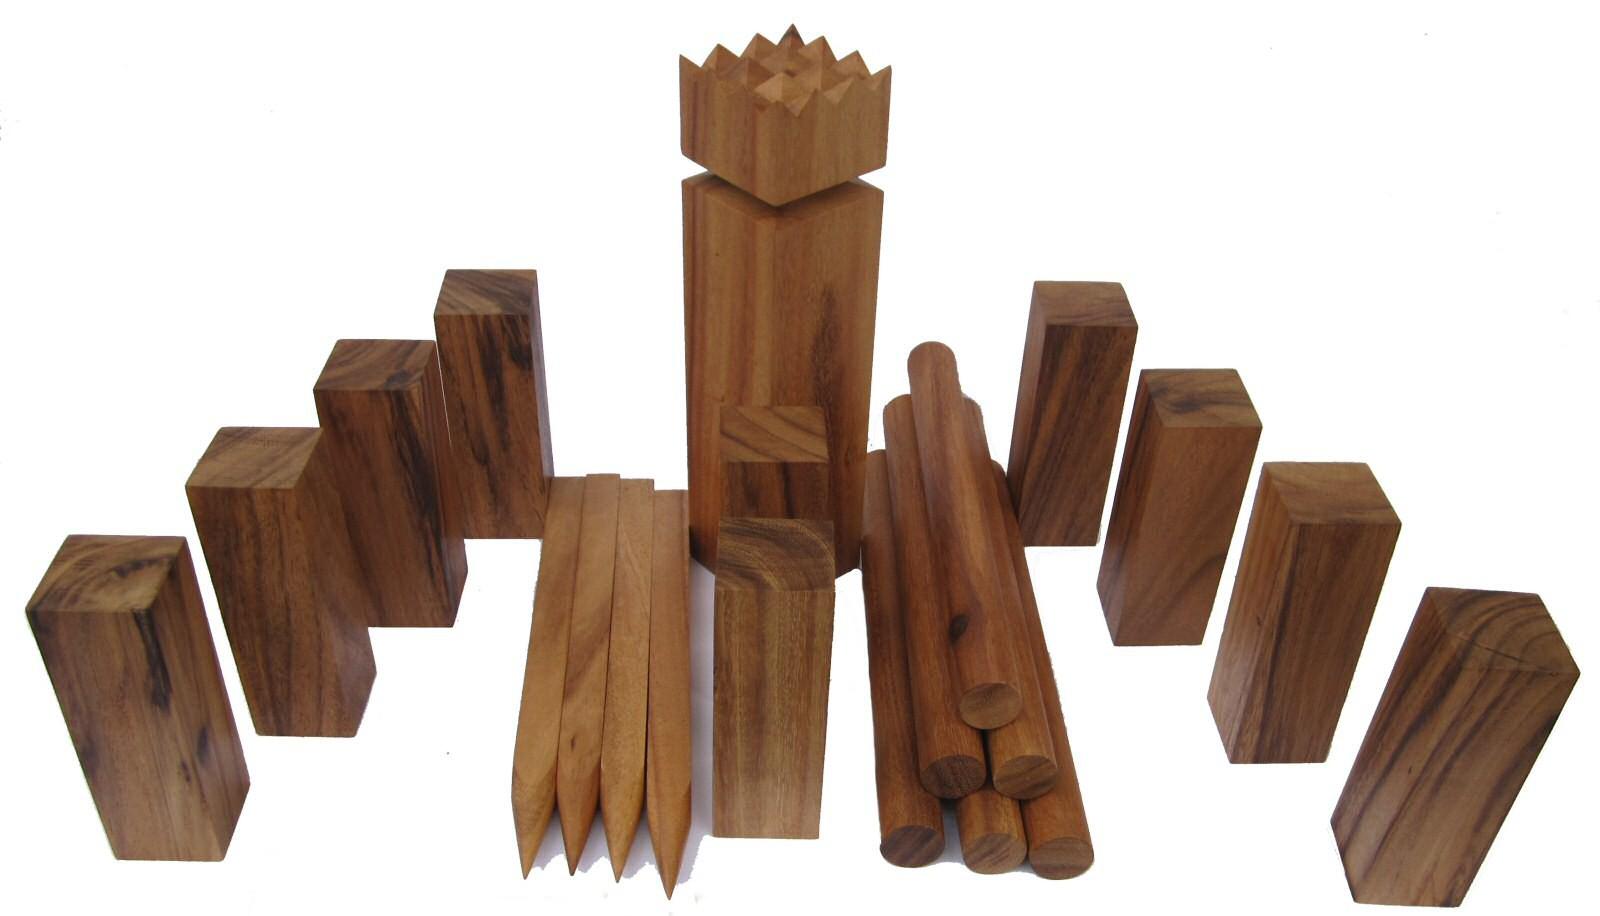 kubb wikingerspiel aus edlem harten samena holz mit tragebeutel gesellschaftsspiele. Black Bedroom Furniture Sets. Home Design Ideas